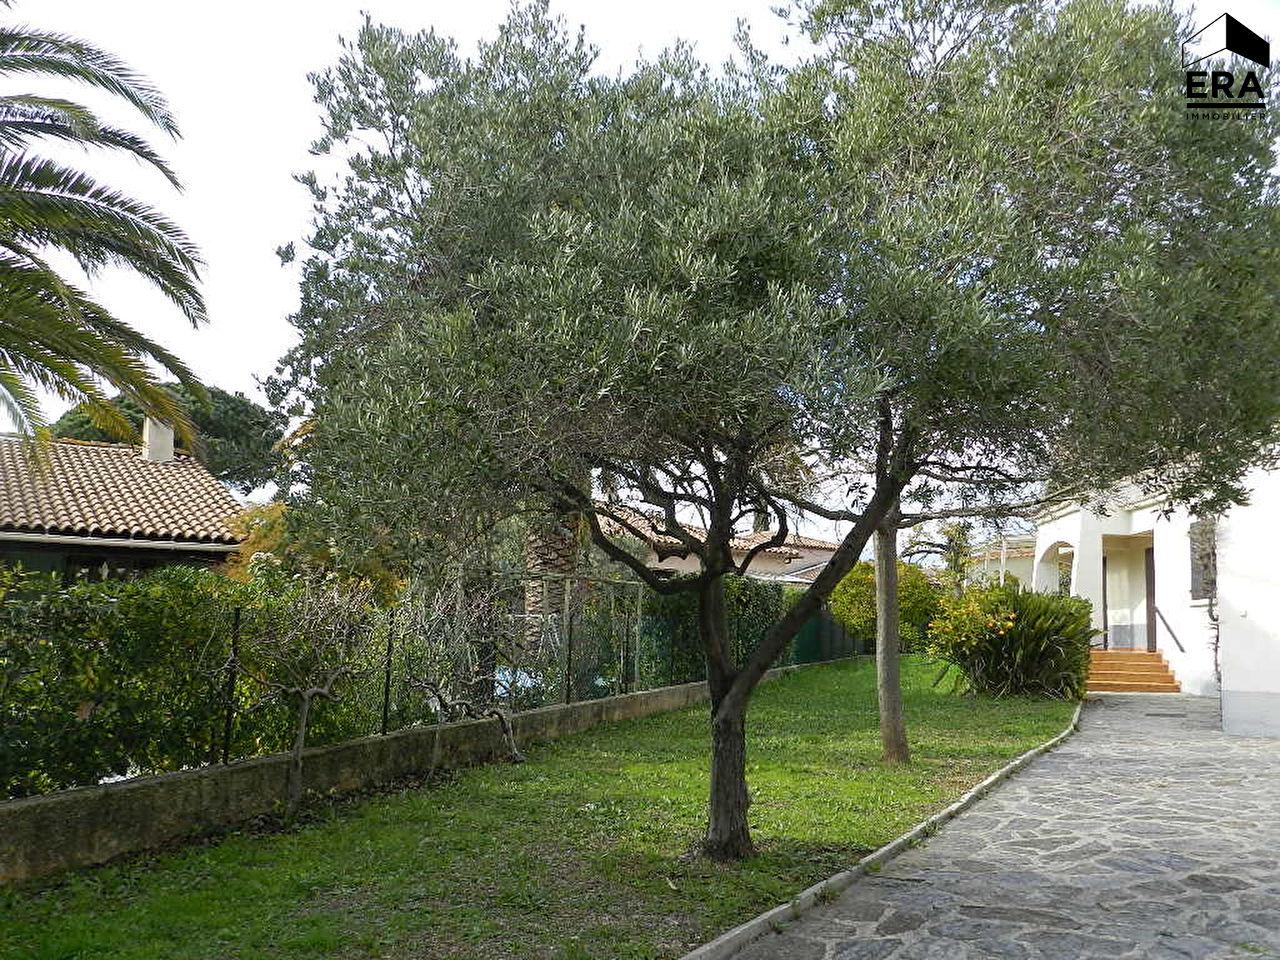 photo de Location de vacances Bormes Les Mimosas La Favière 2 PIÈCES indépendant dans villa. Spacieux et lumi